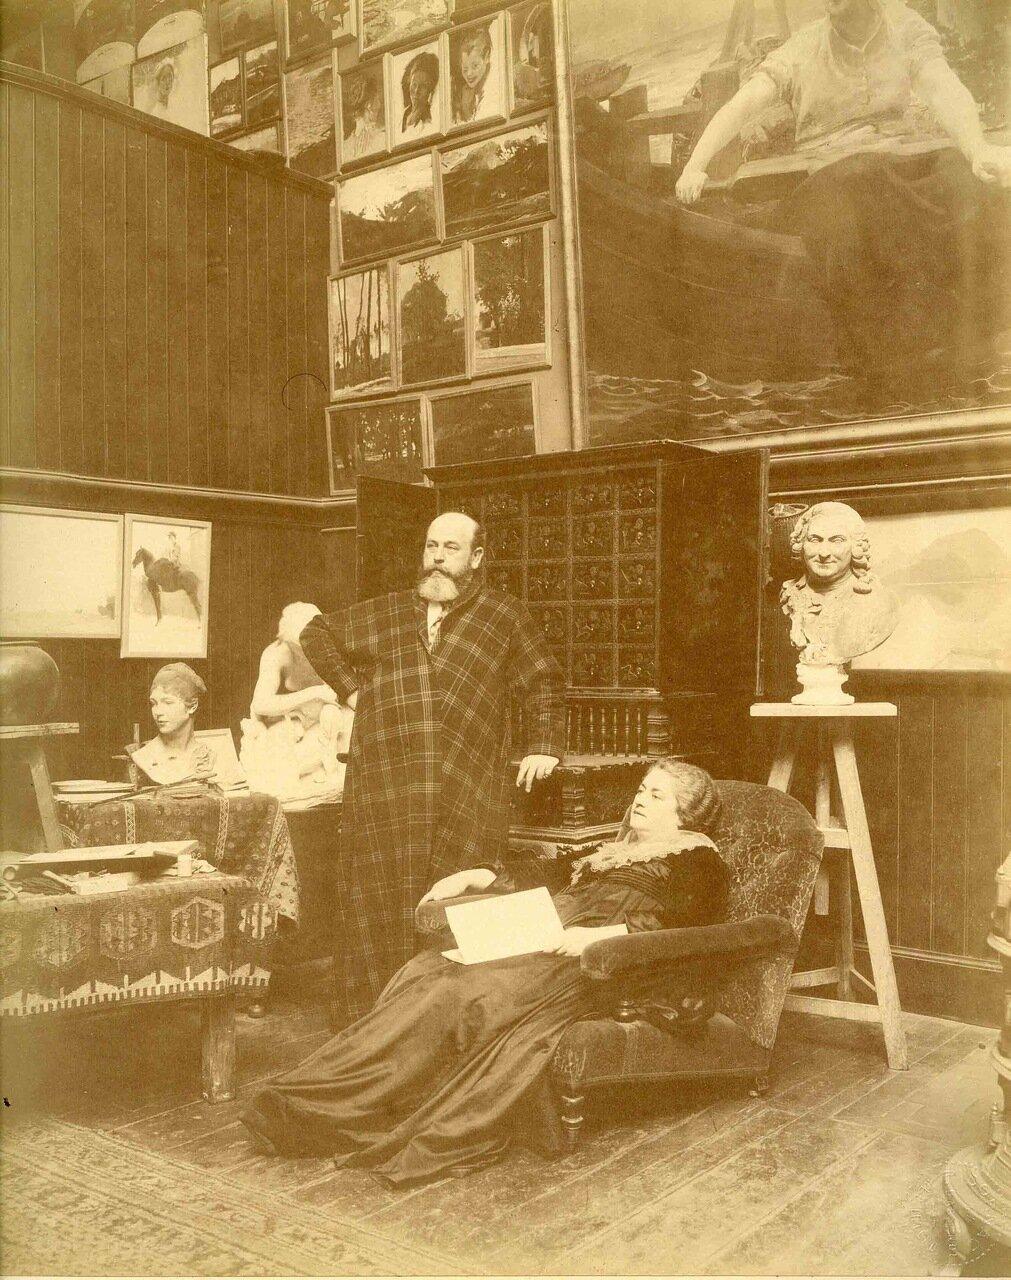 Бенар, Поль Альберт (1849—1934) — французский художник, директор Школы изящных искусств